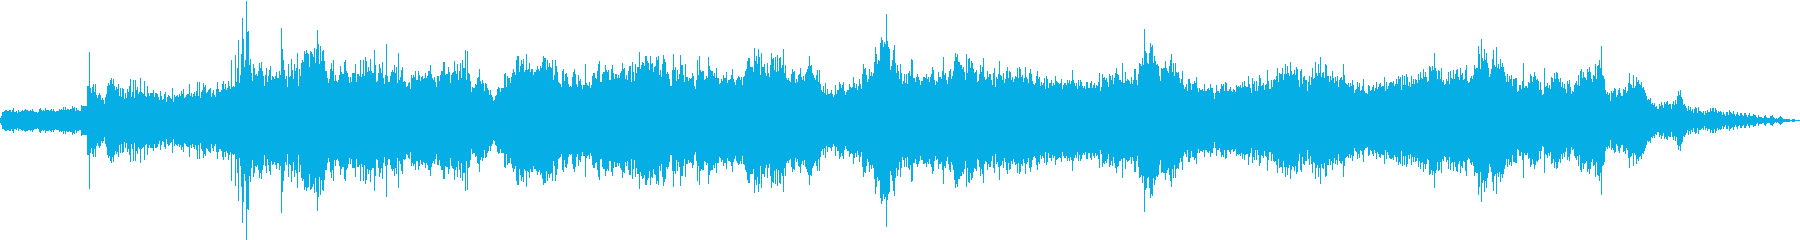 丸のこ:シングルロングカットソーの再生済みの波形